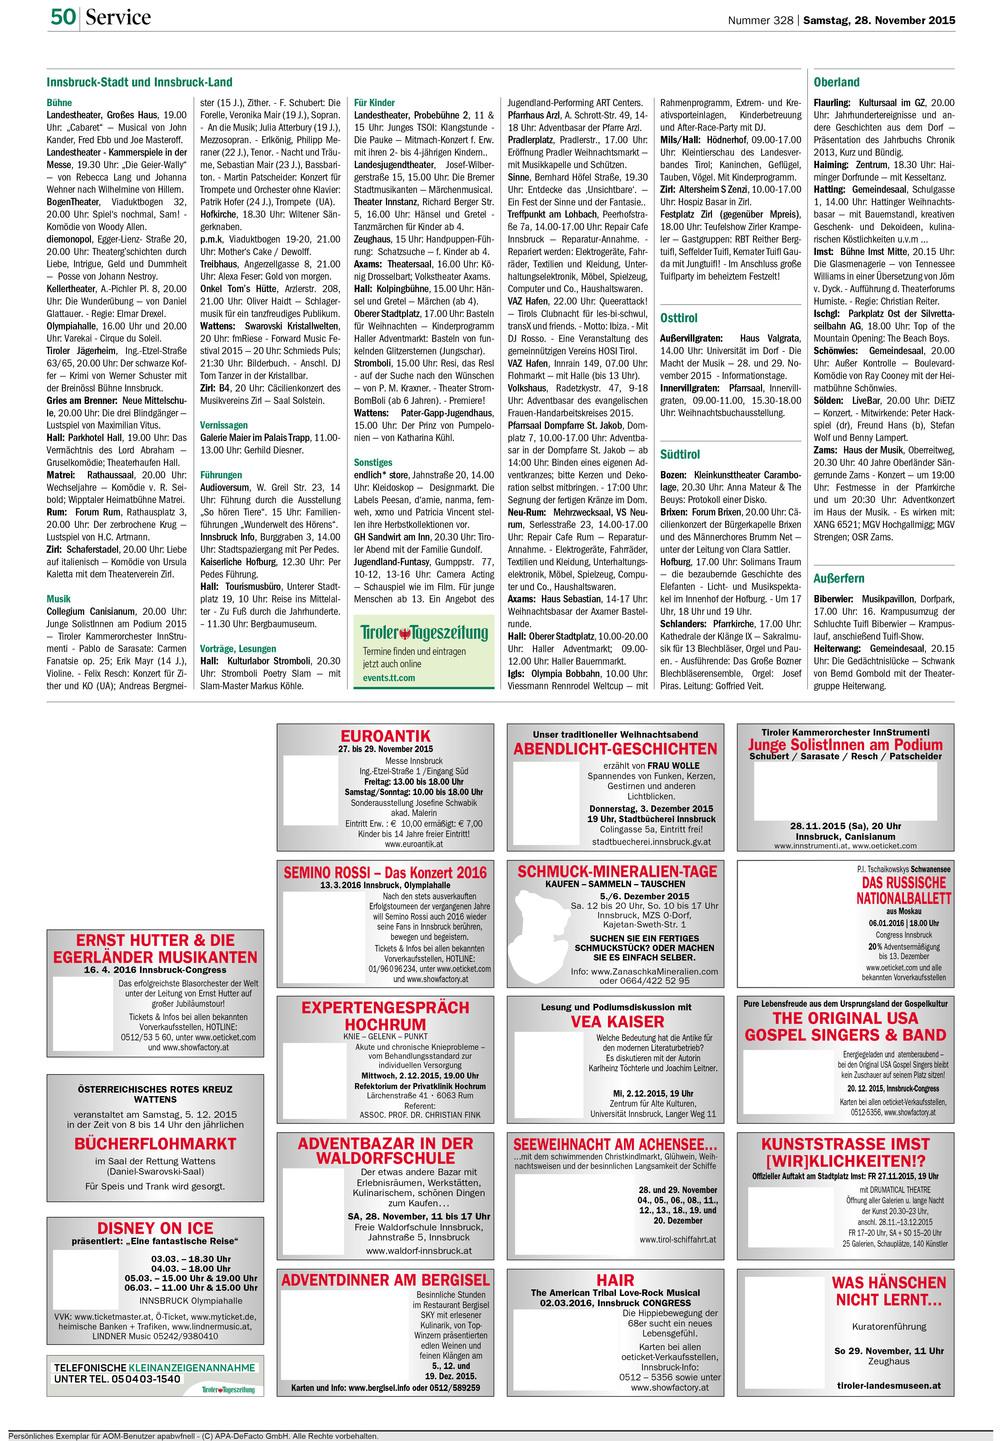 2015.11.28 Tiroler Tageszeitung.jpg